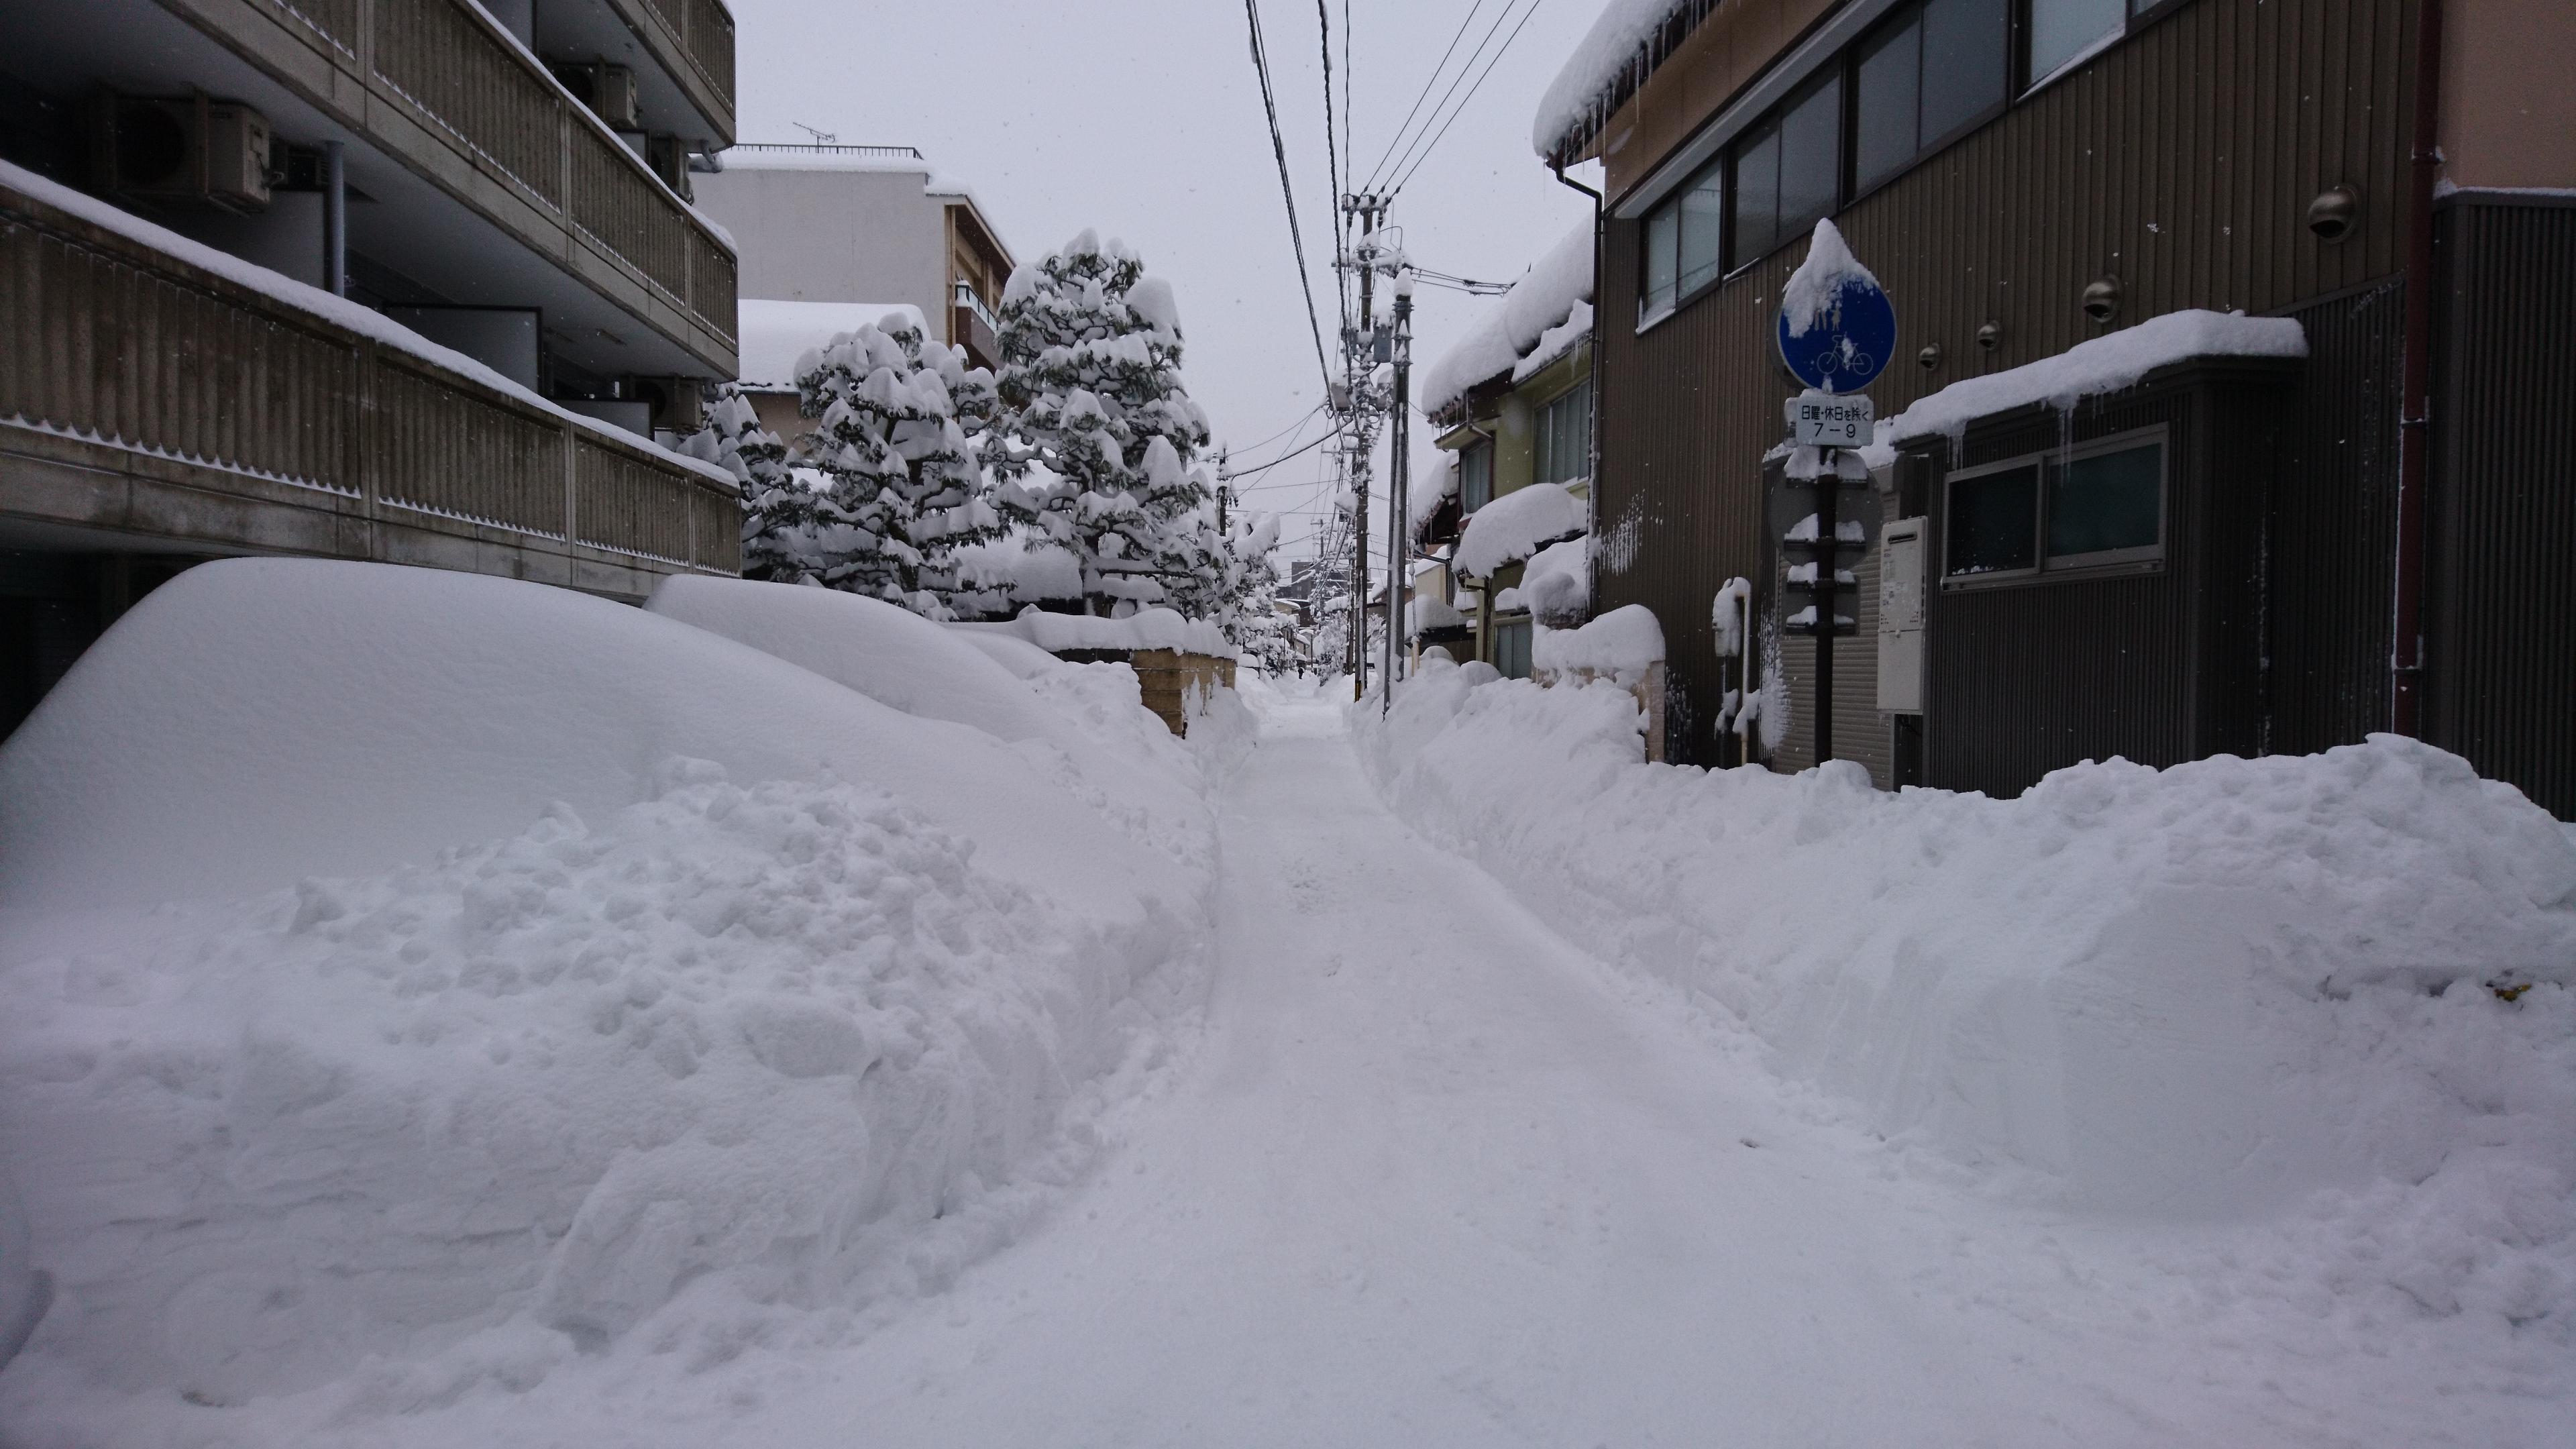 金沢,雪,豪雪,長町,冬